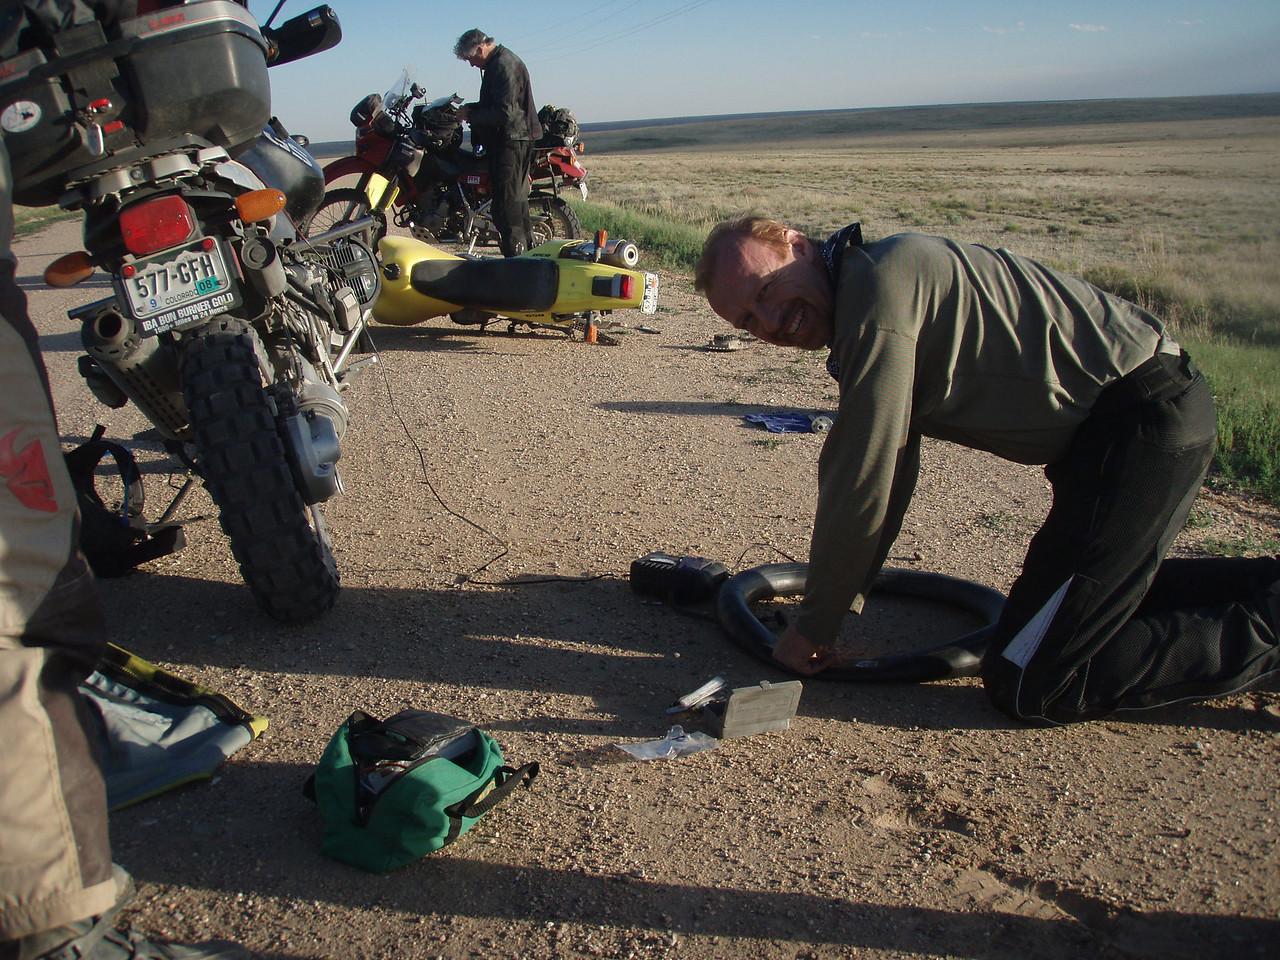 Flat tire redux -- oh the joy!